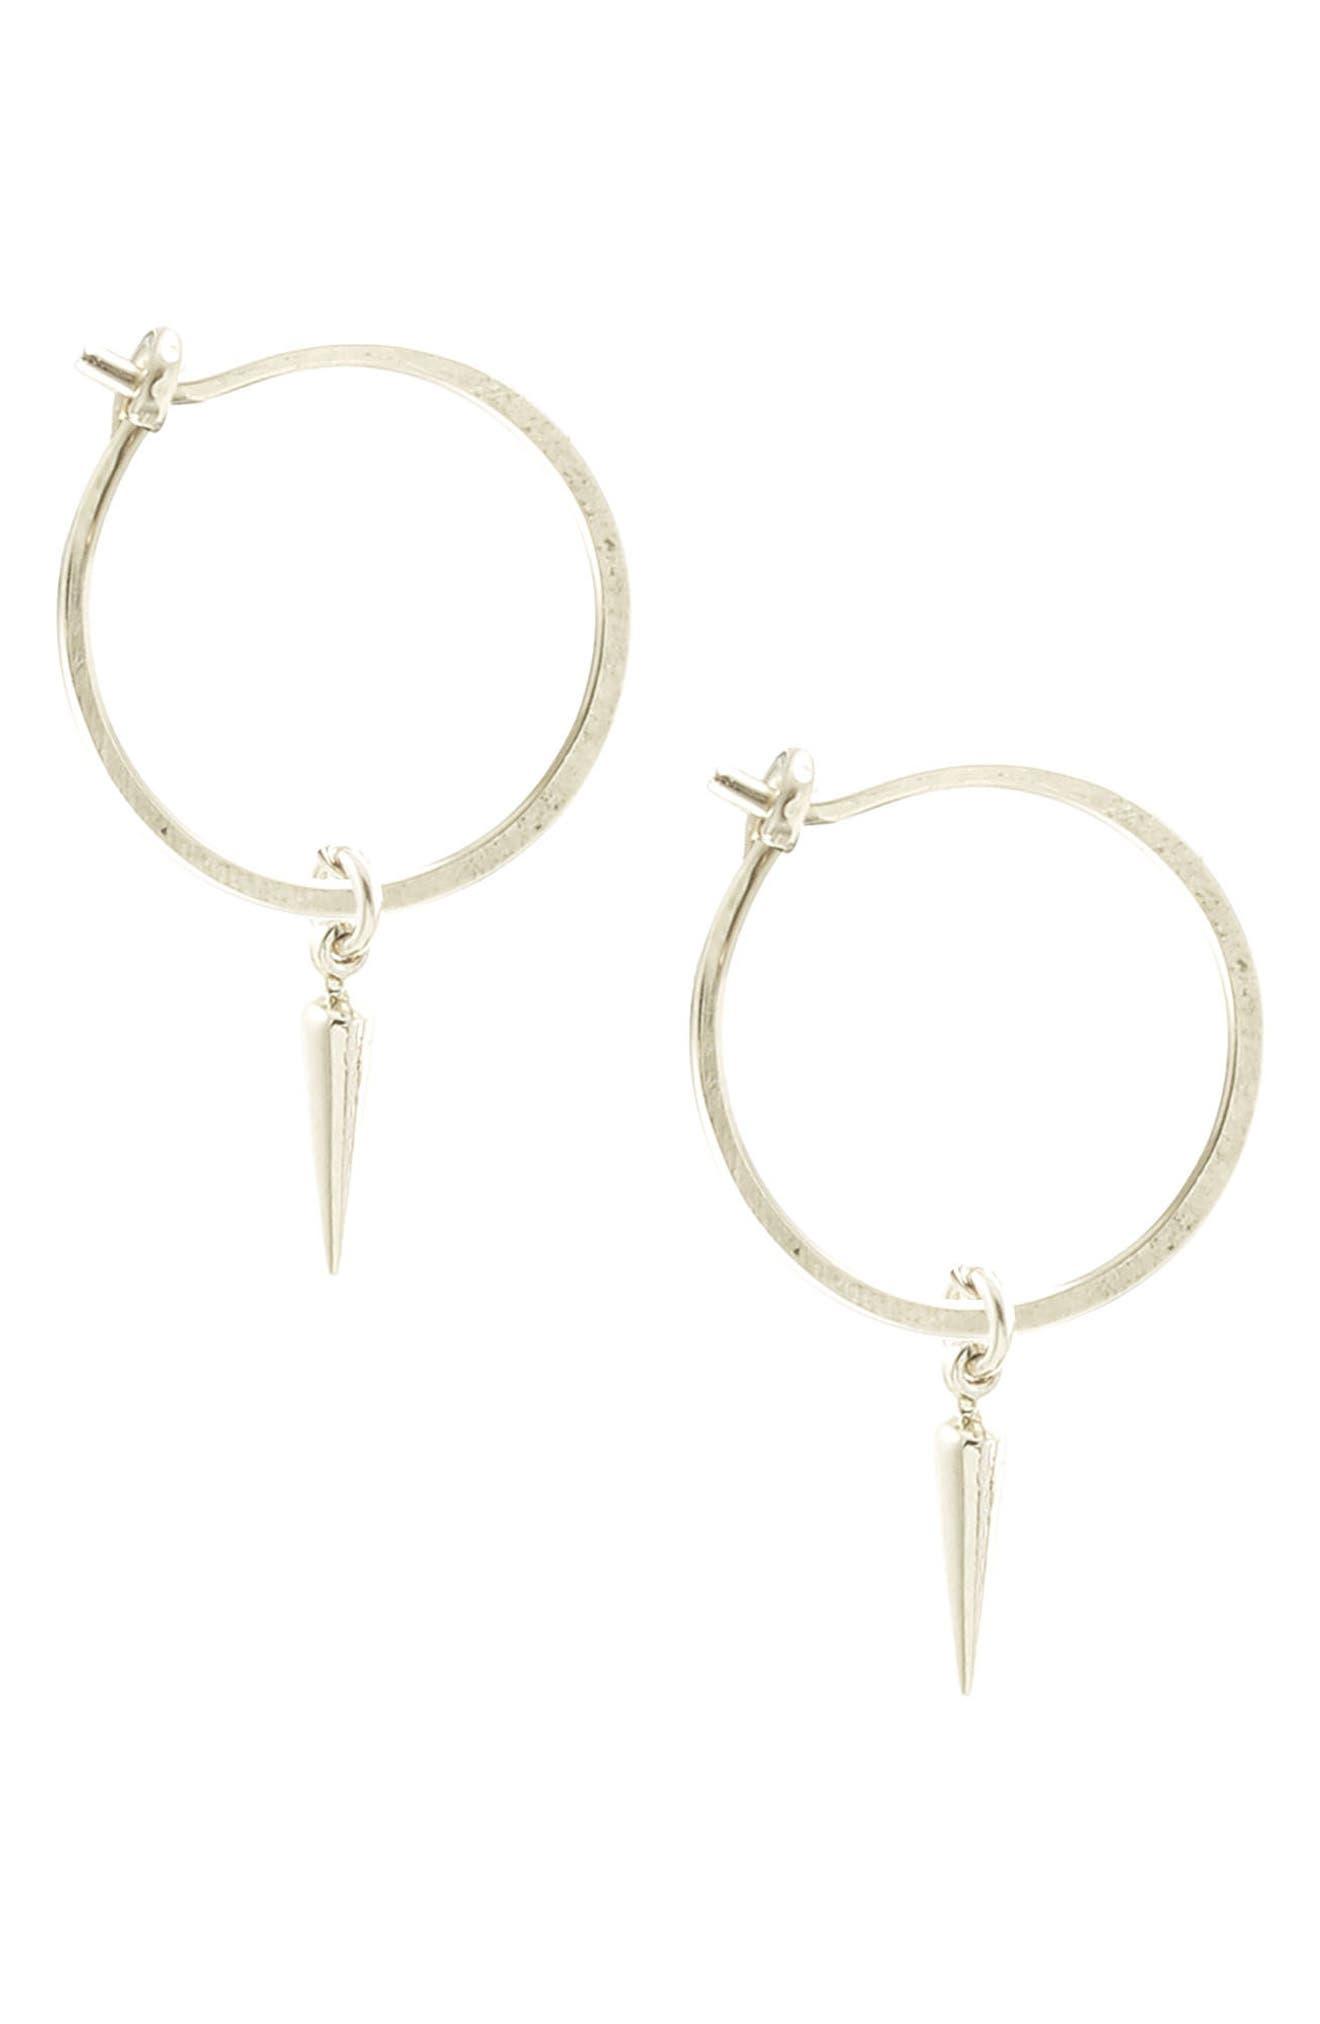 Alternate Image 1 Selected - Kris Nations Spike Hoop Earrings